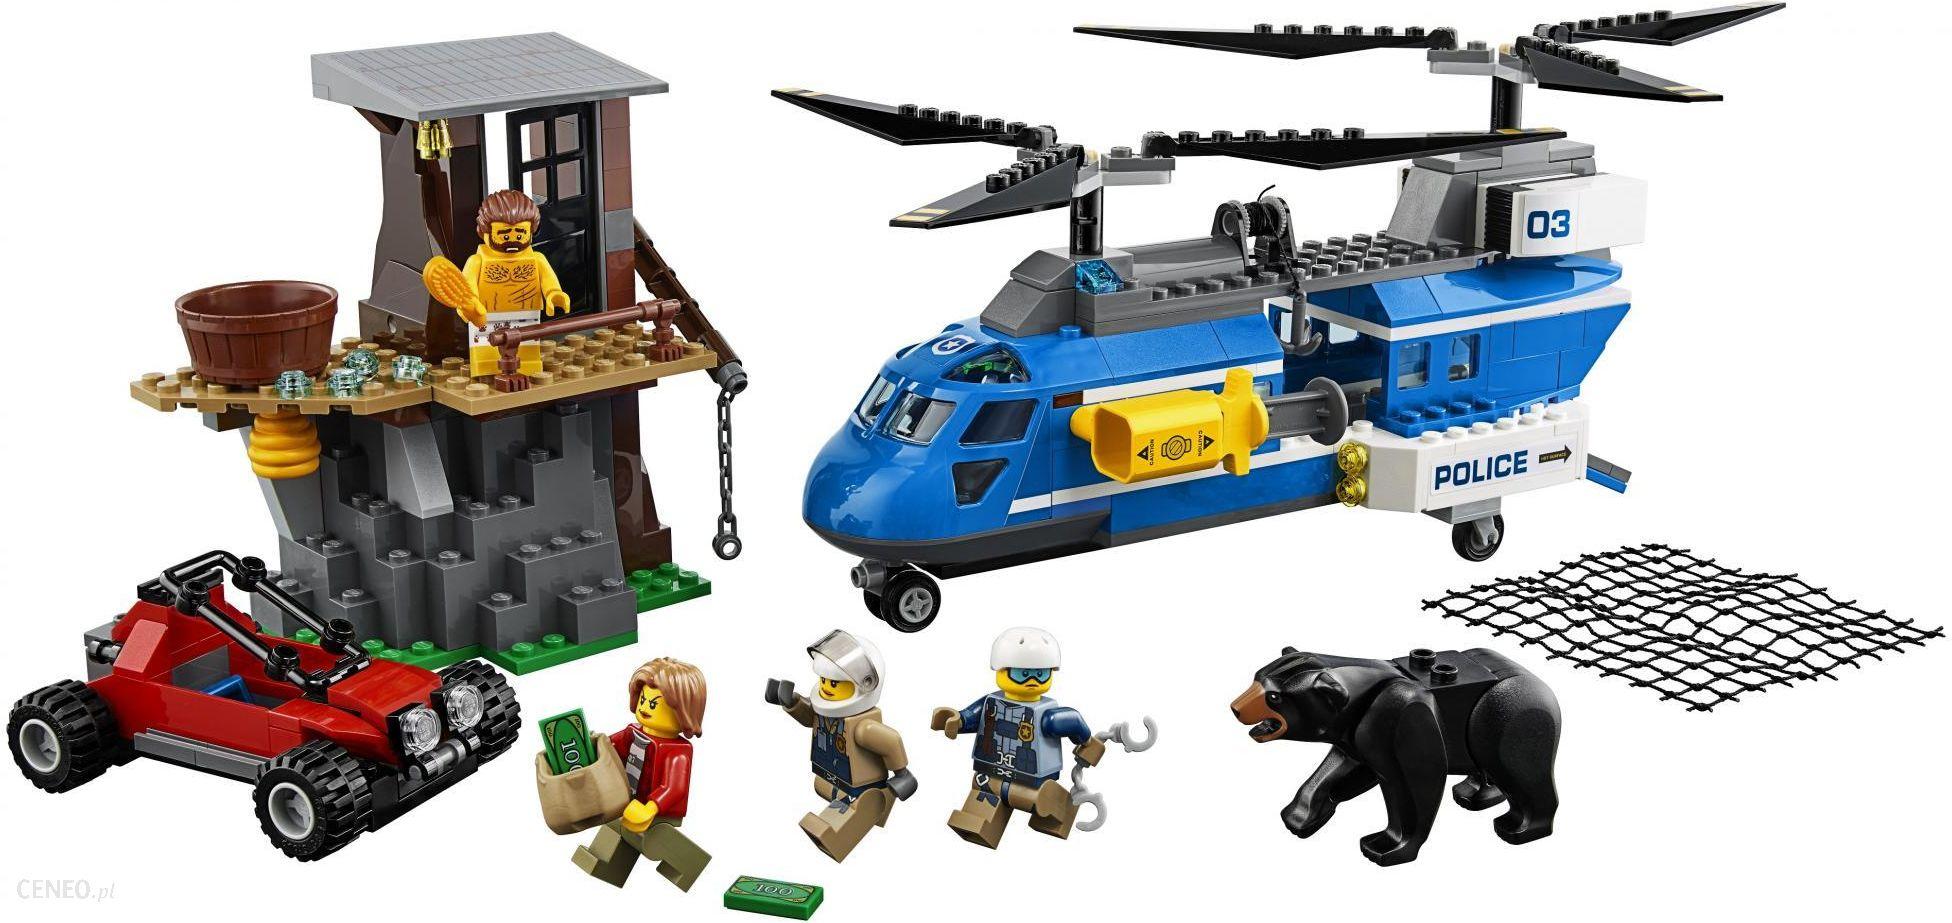 Klocki Lego City Aresztowanie W Górach 60173 Ceny I Opinie Ceneopl